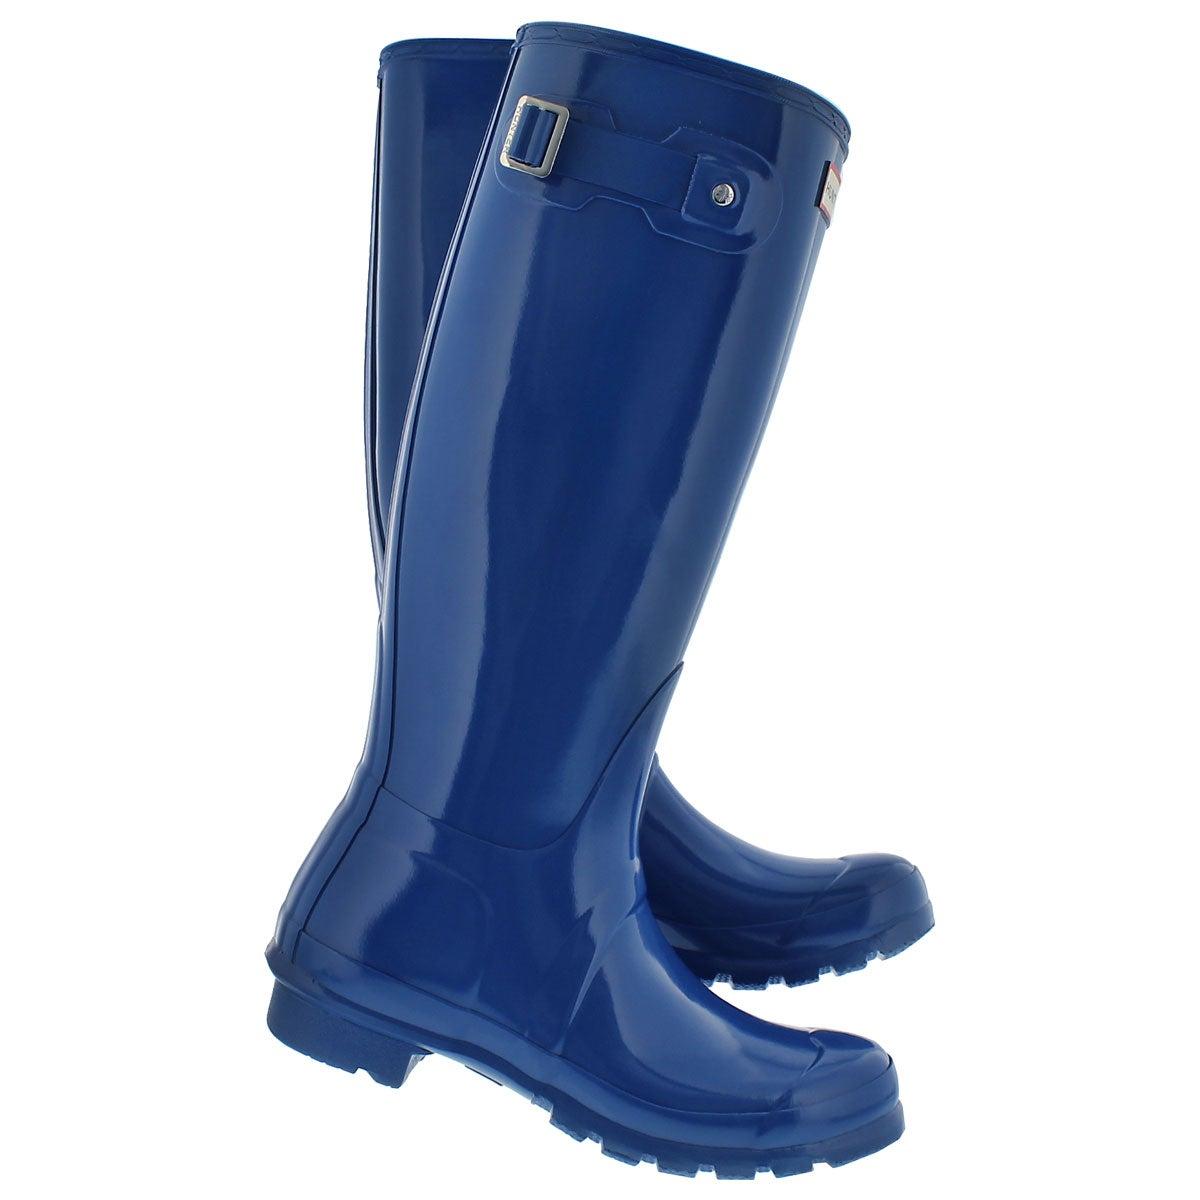 Lds Original Tall Gloss azure rain boot